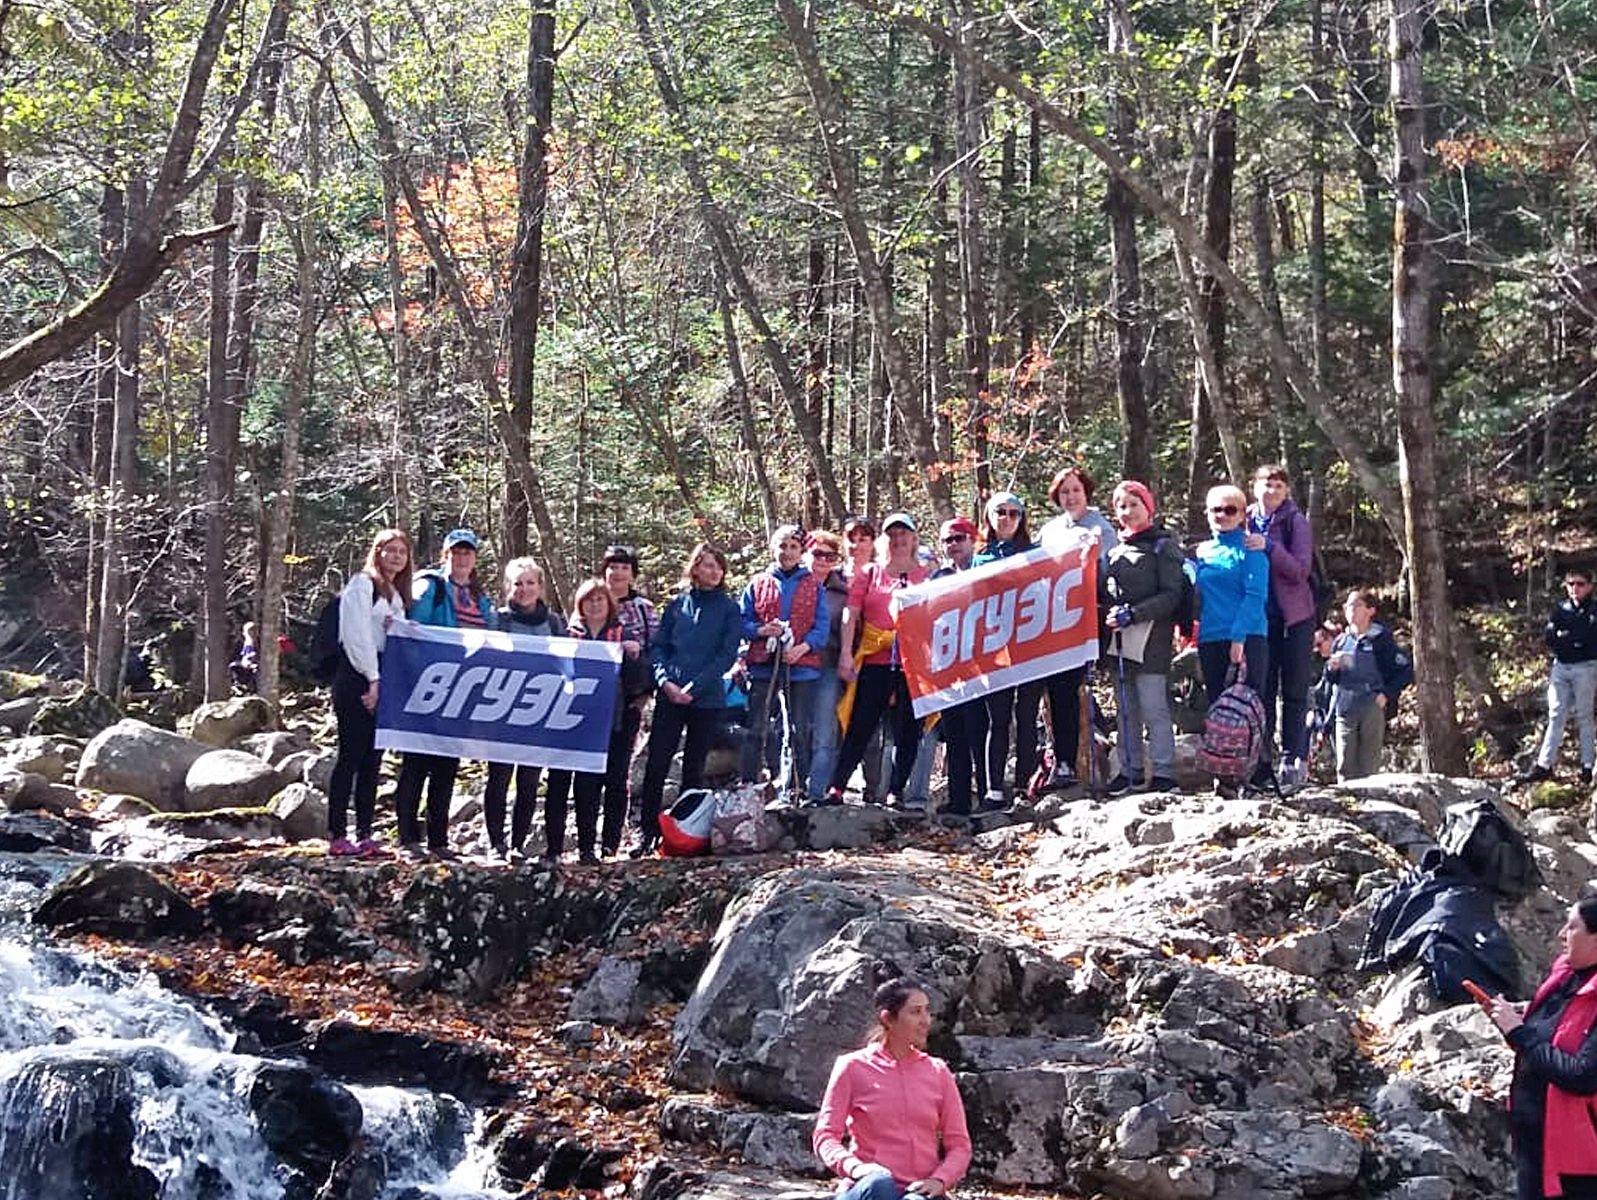 Маршрут выходного дня коллектива ВГУЭС: прогулка к Смольным водопадам